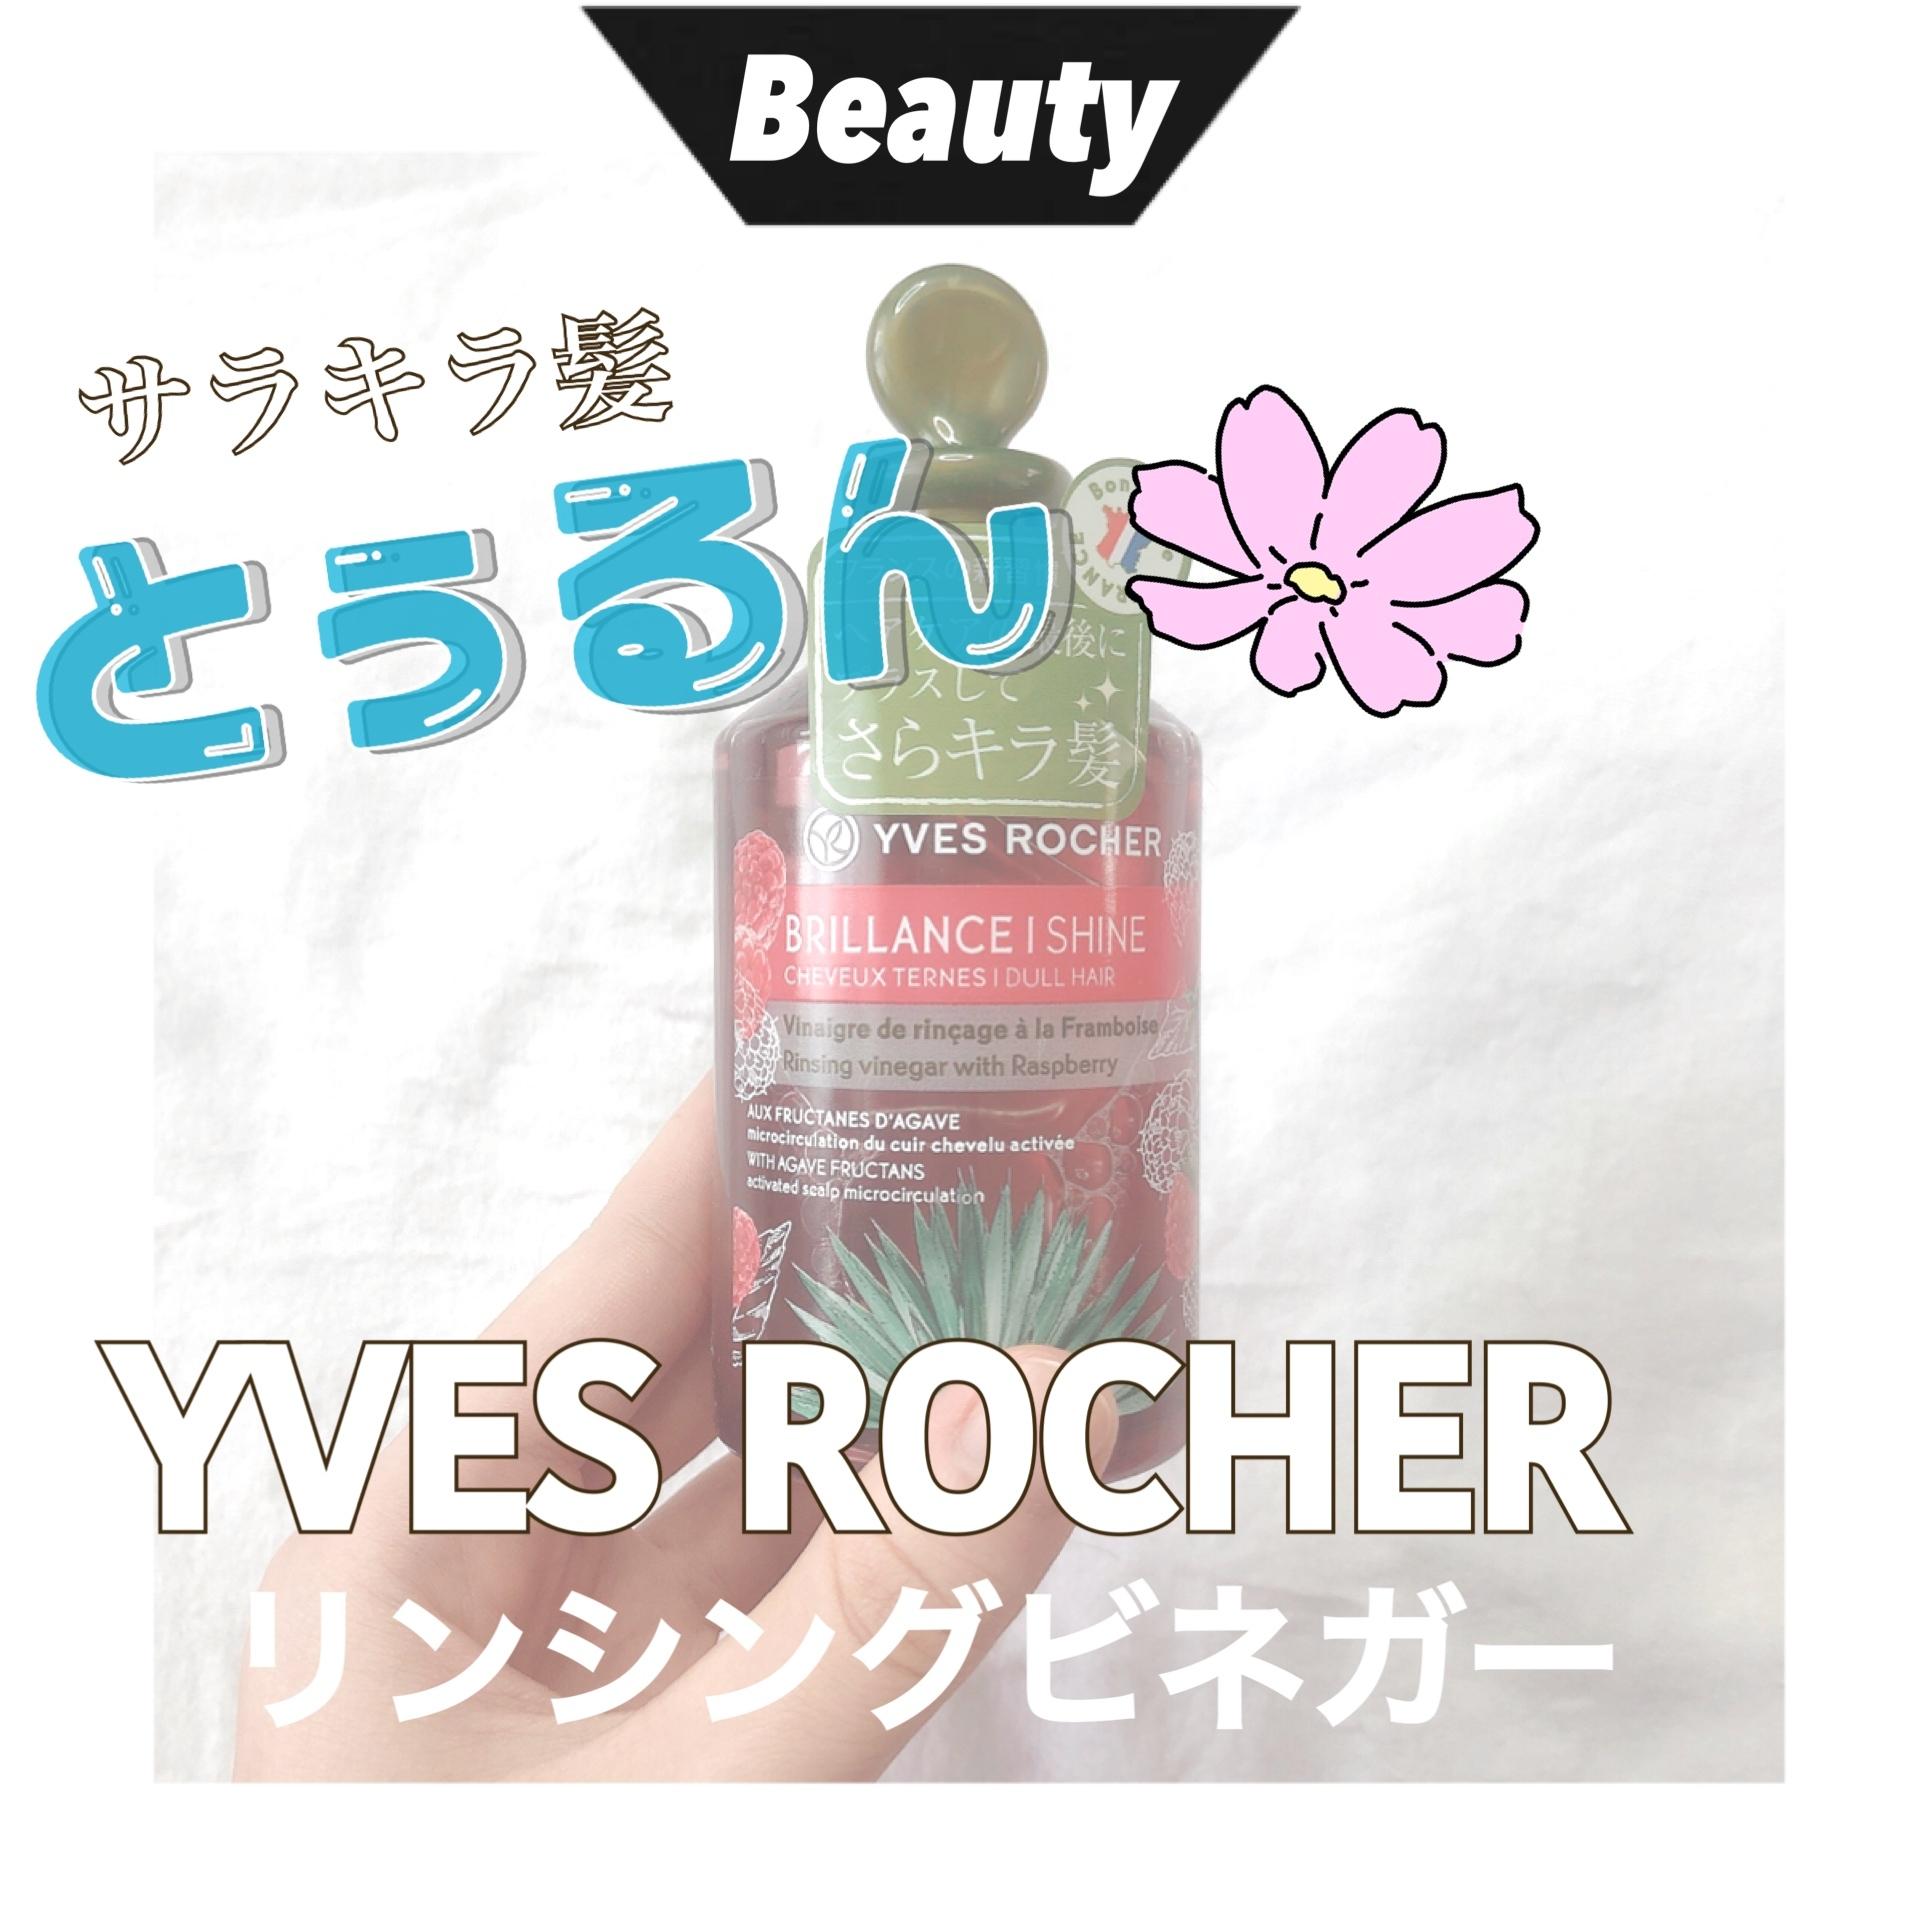 【 Beauty 】ヘアケアの最後にビネガーをプラス♡_1_1